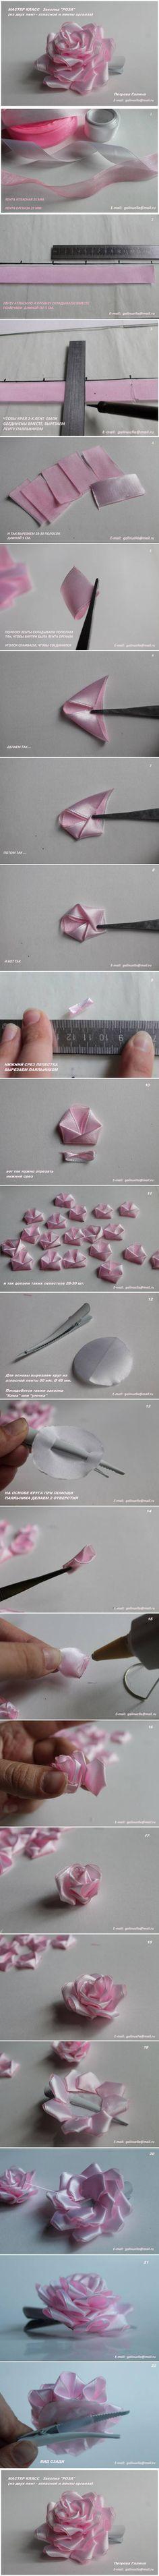 DIY Satin and Organza Ribbon Rose DIY Projects